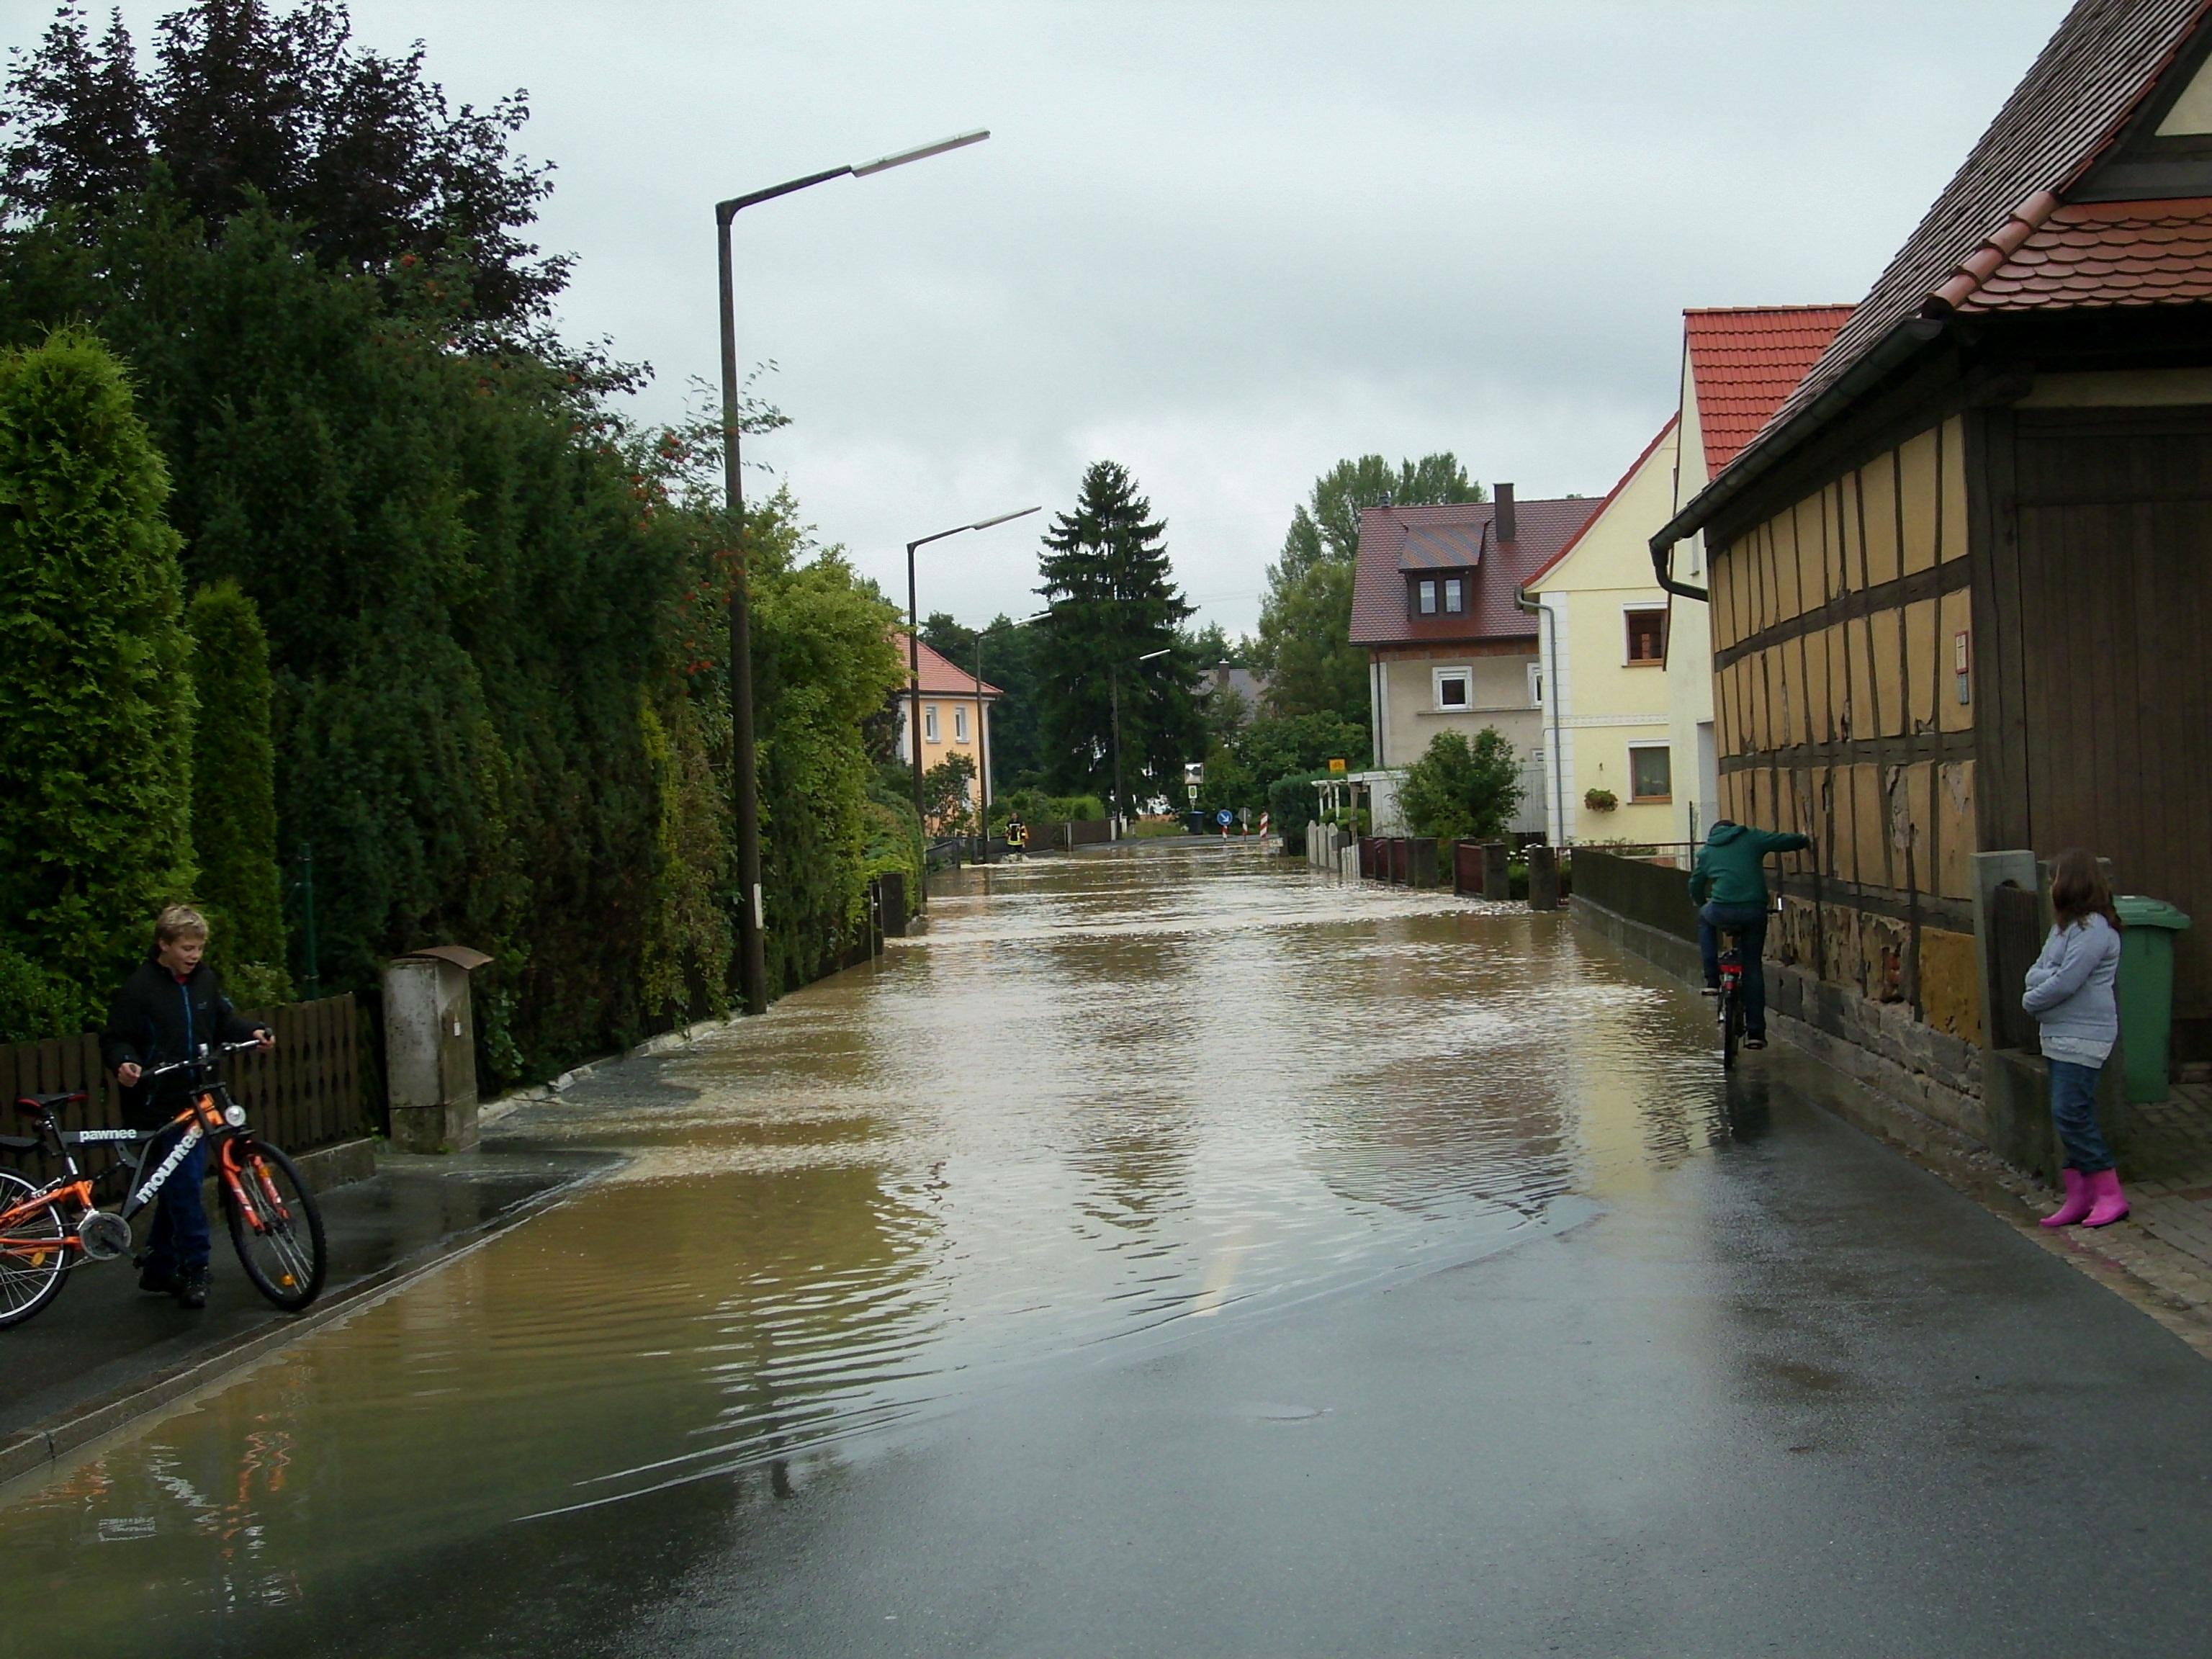 APLC-Flood-water-Wehandleinsuranceclaims.com